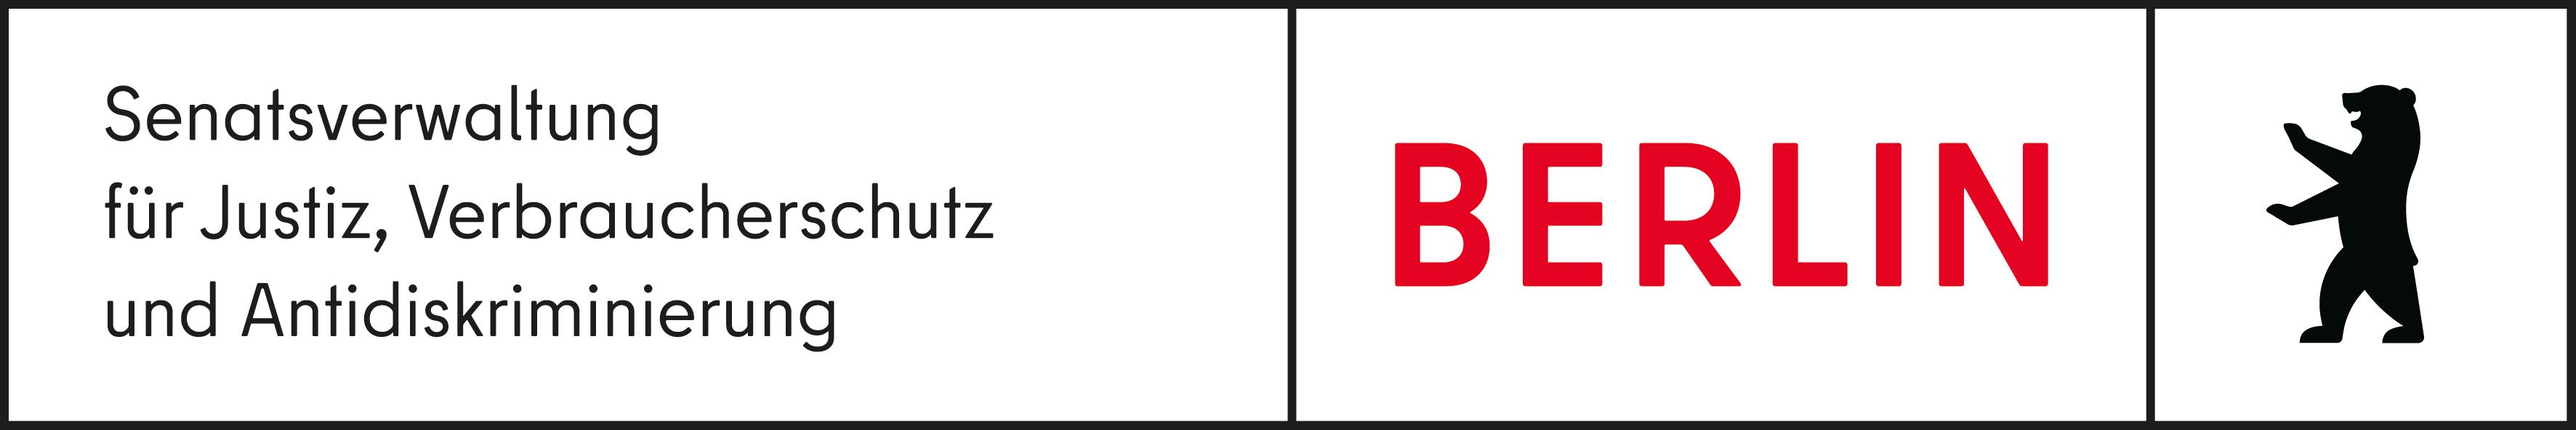 Logo der Senatsverwaltung für Justiz, Verbraucherschutz und Antidiskriminierung